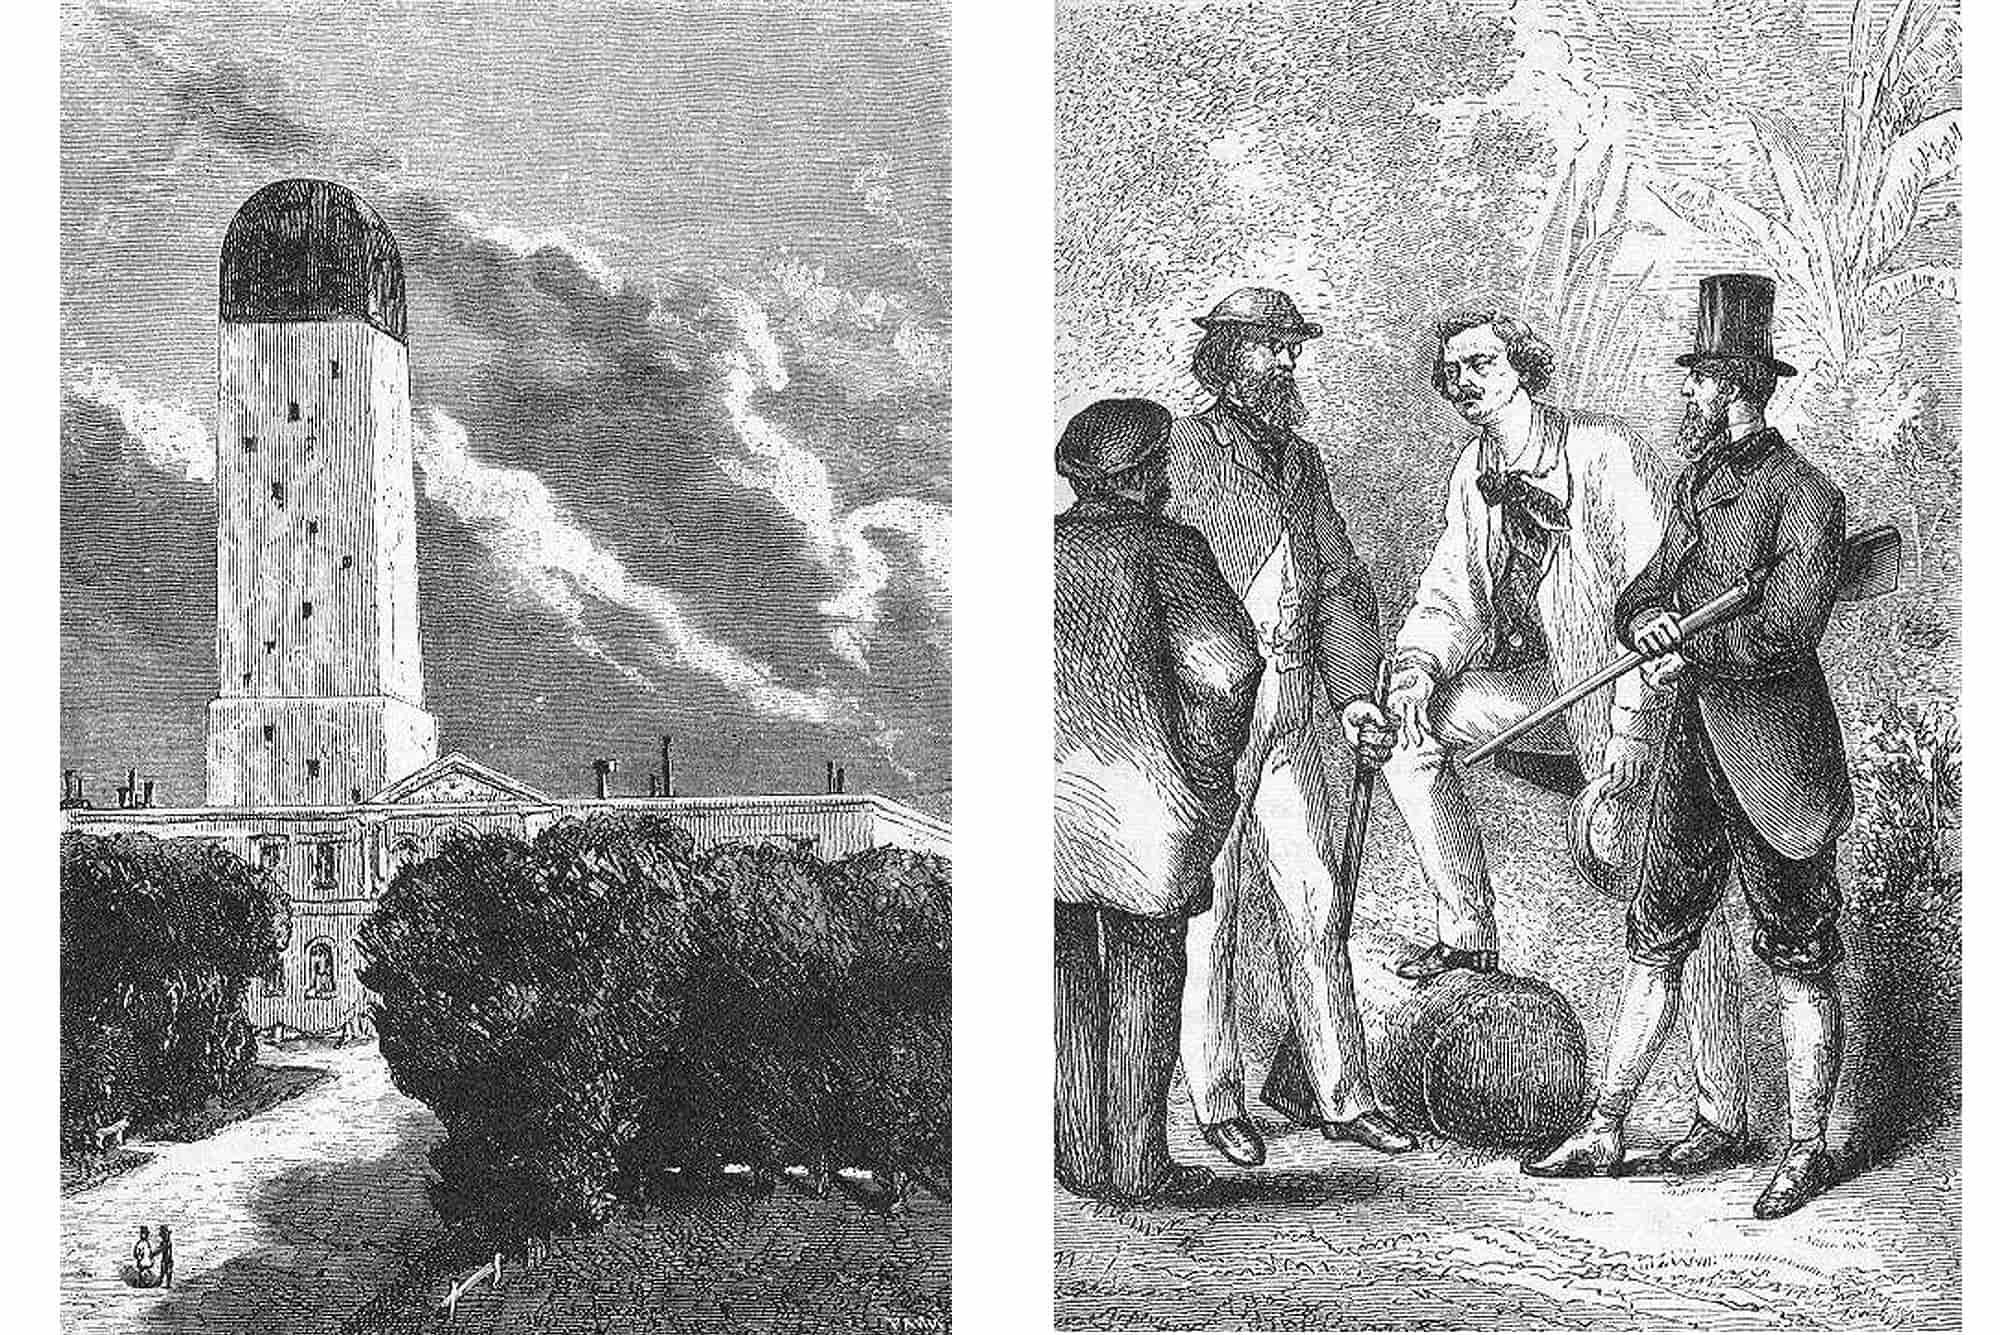 Ilustraciones de las ediciones originales de las obras de Julio Verne